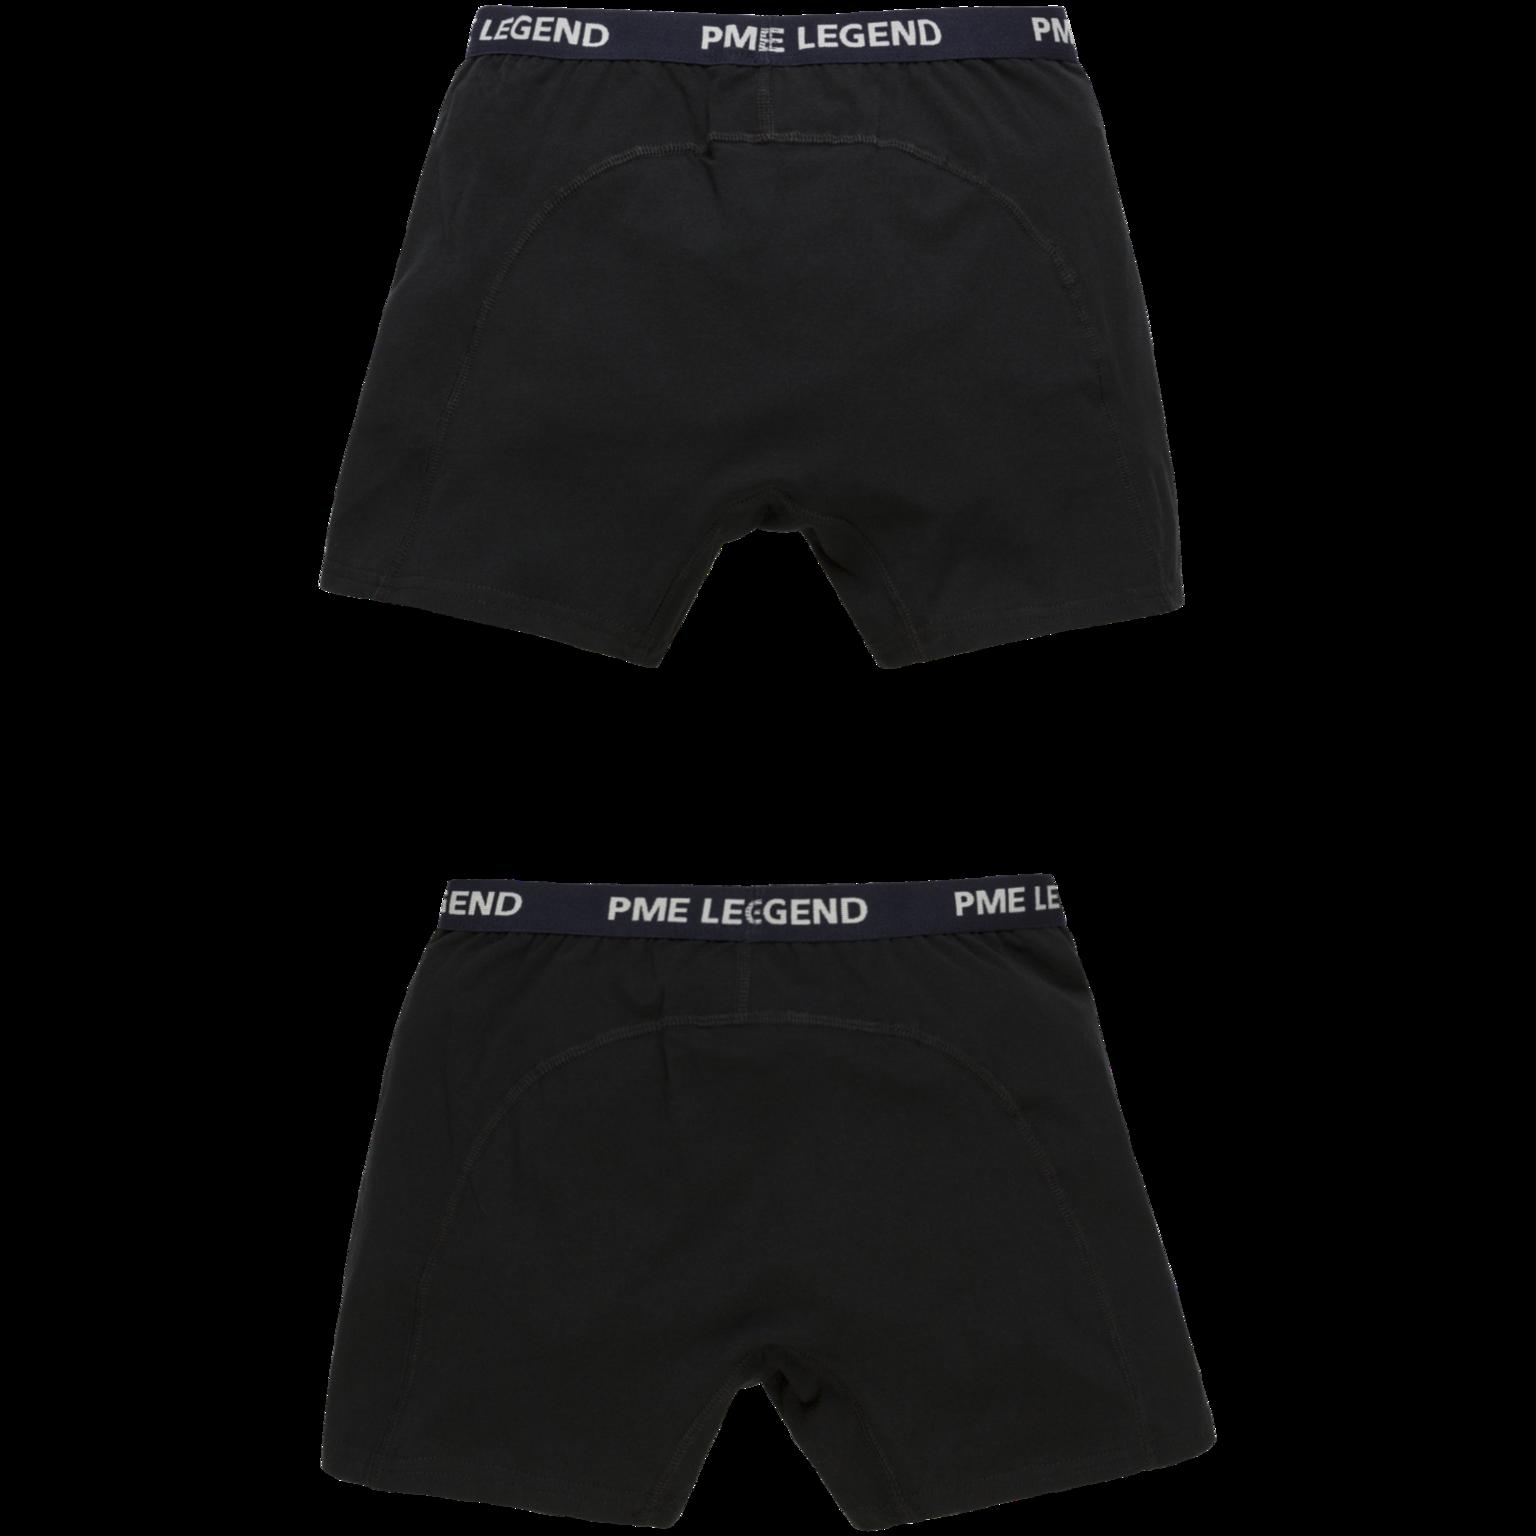 PME Legend PUW00105 999 PME Legend boxershort cotton elastan Black